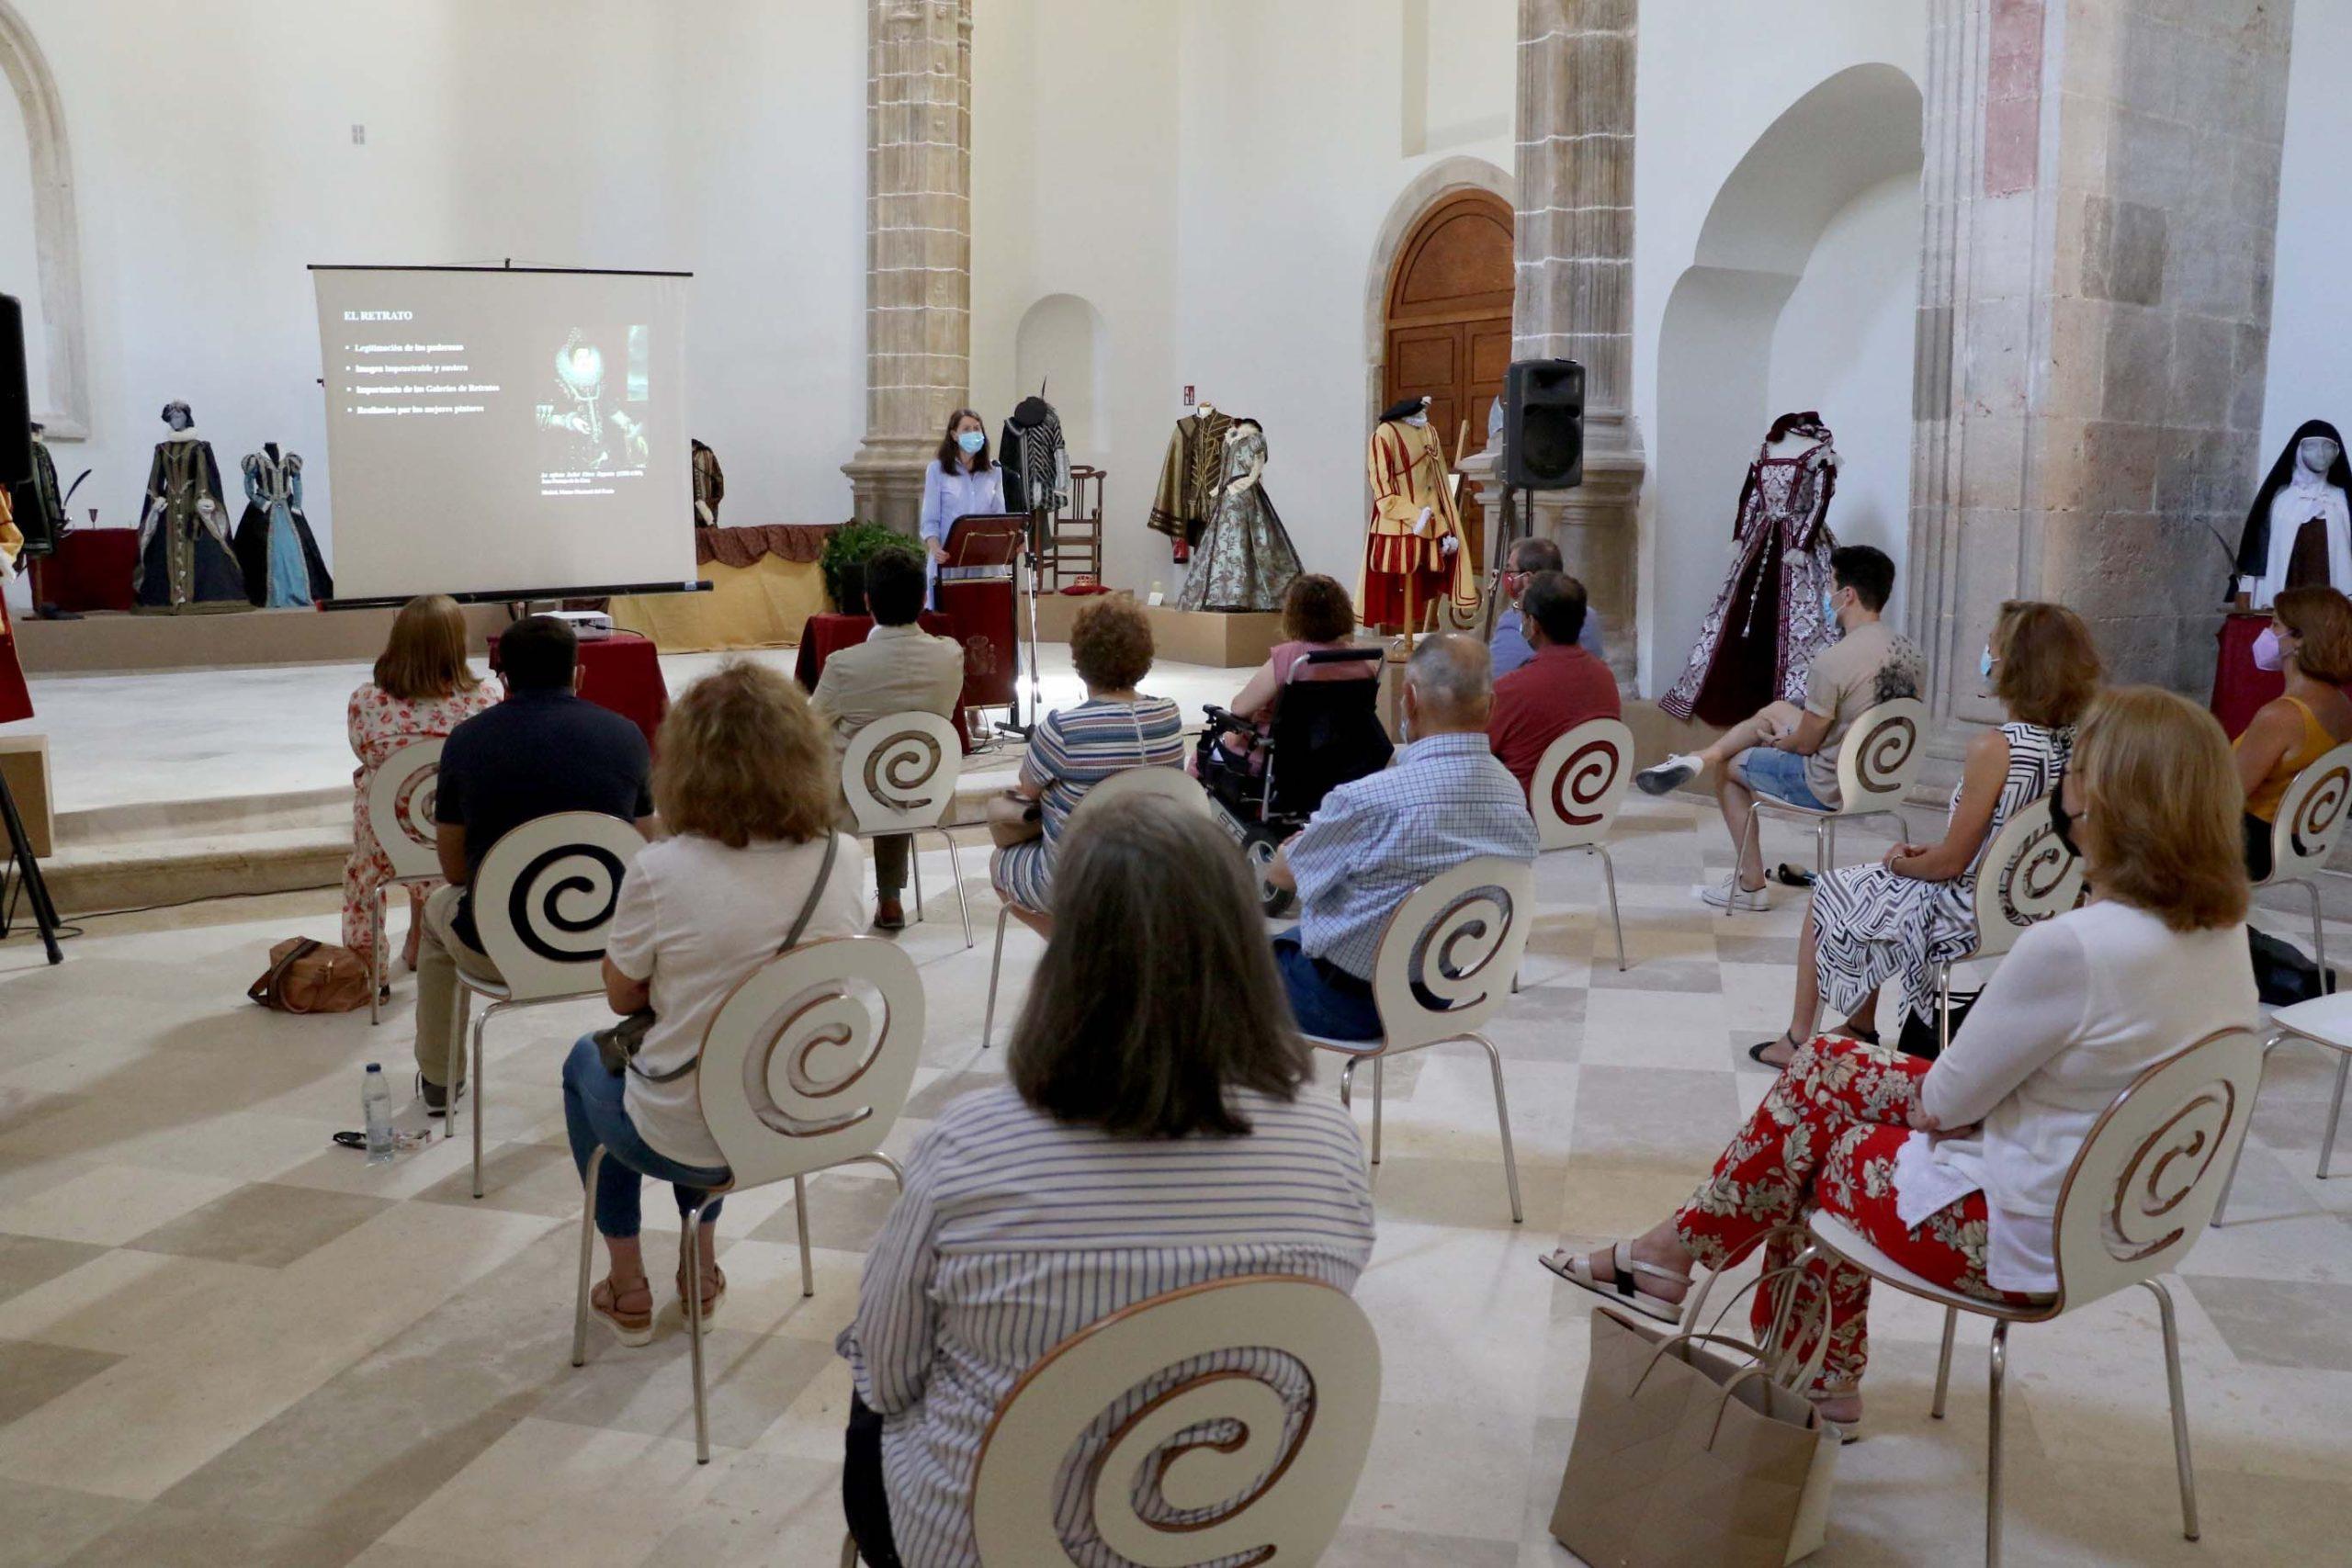 Inaugurada una exposición permanente de trajes renacentistas en Pastrana